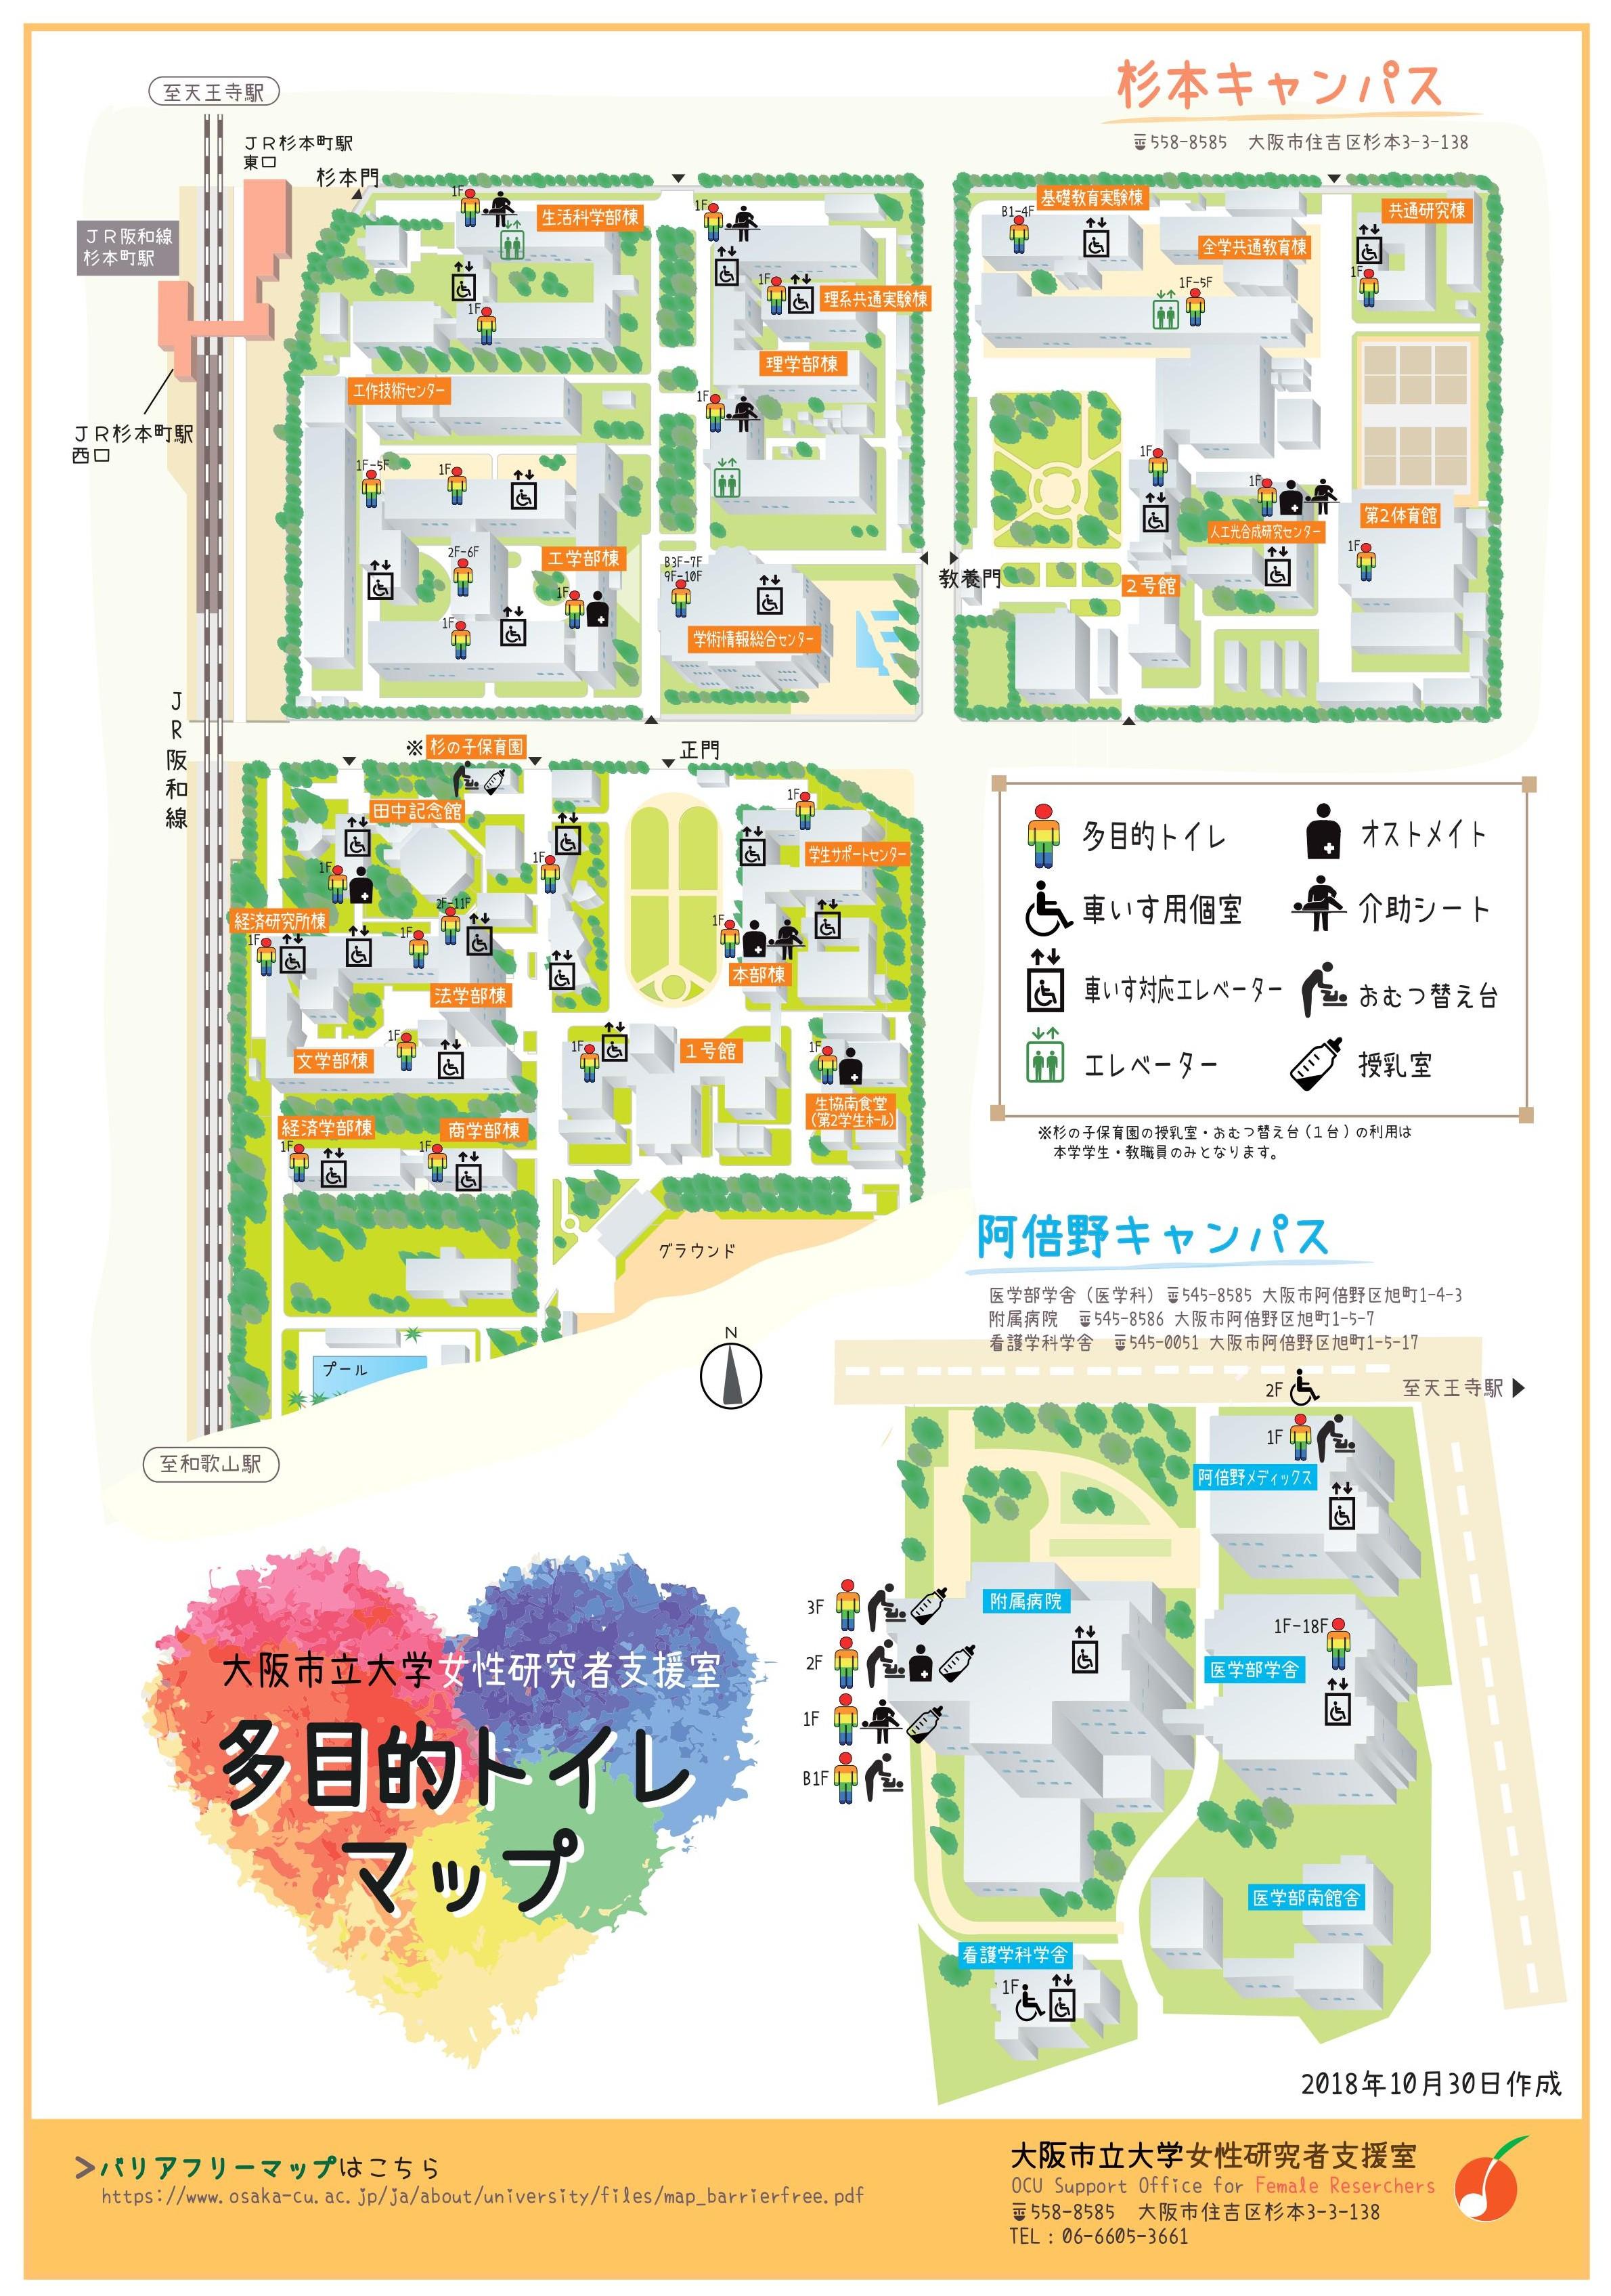 taokutekimap_20181201